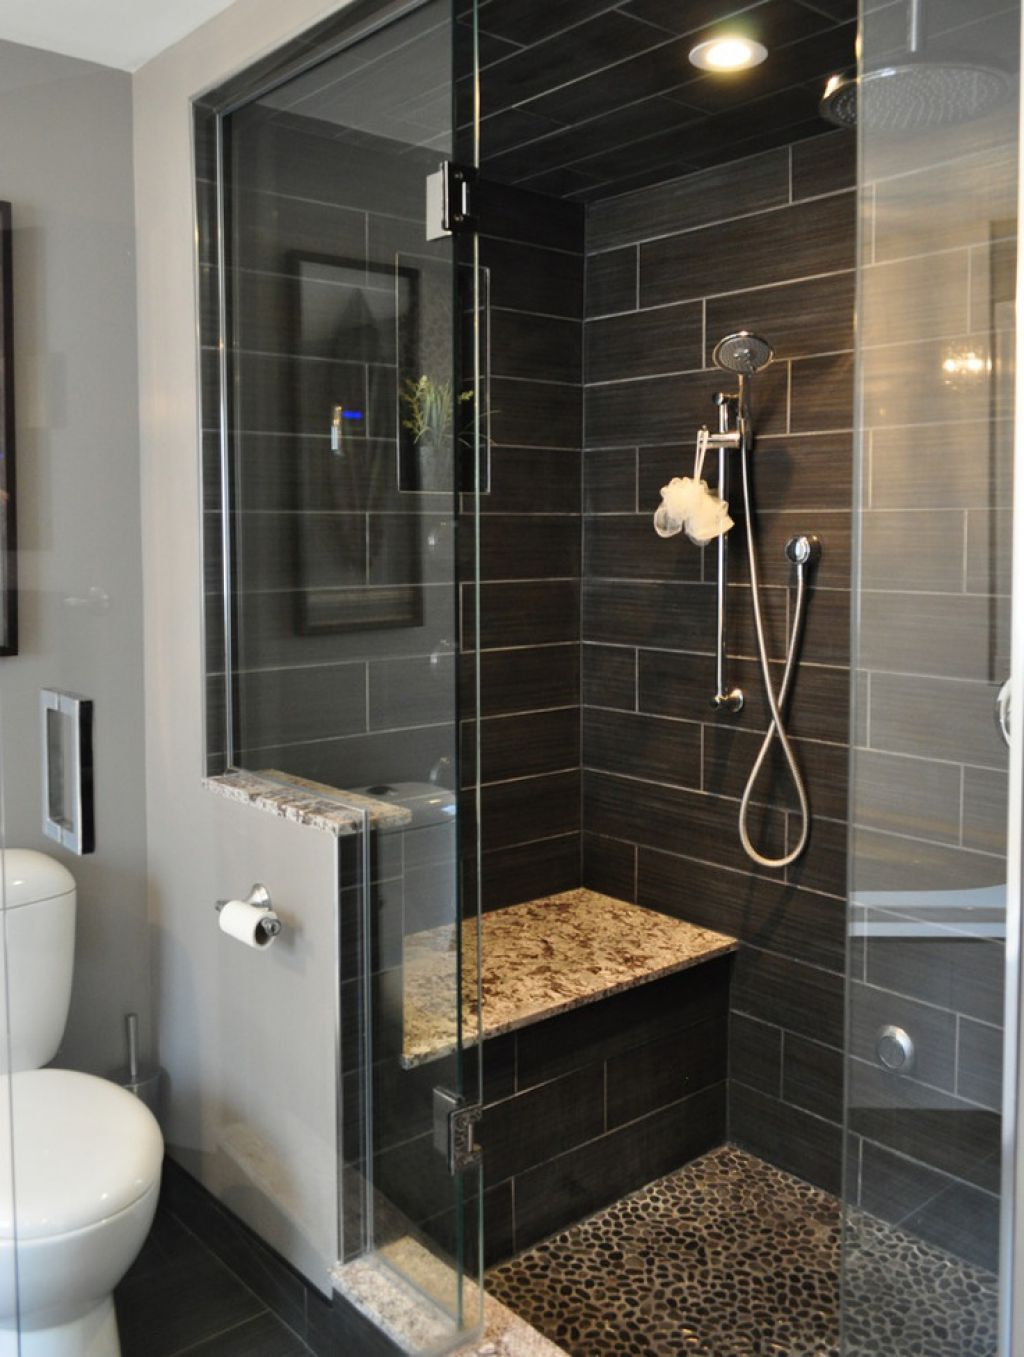 Bathroom Shower Designed With Black Slate Tiles And Built In Bench Bathroom Remodel Master Small Bathroom Remodel Small Master Bathroom